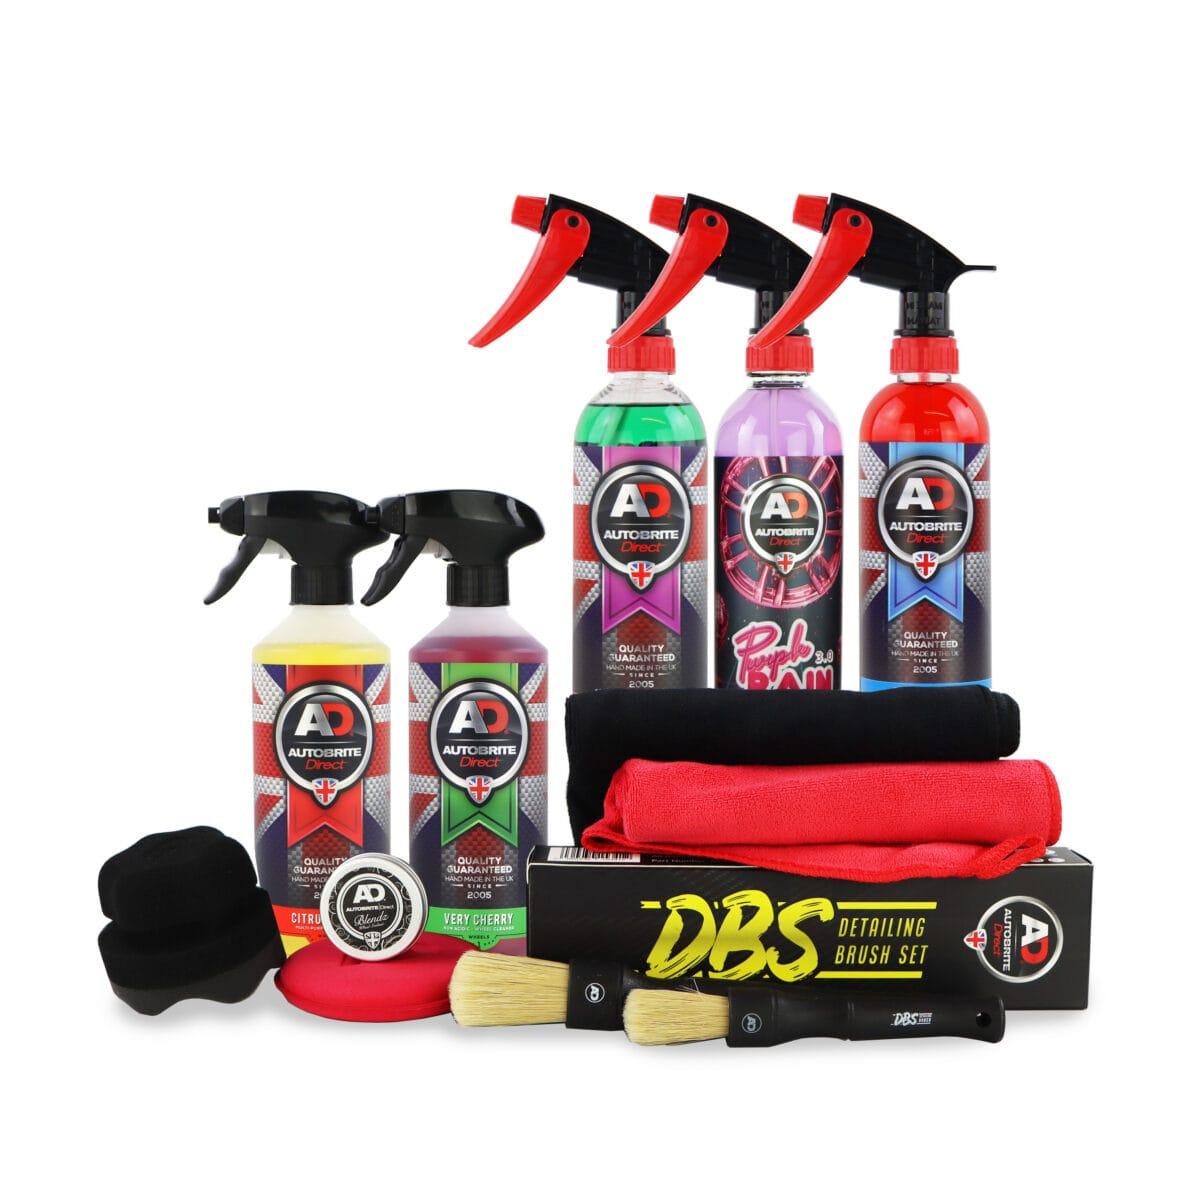 Wheel kit DBS